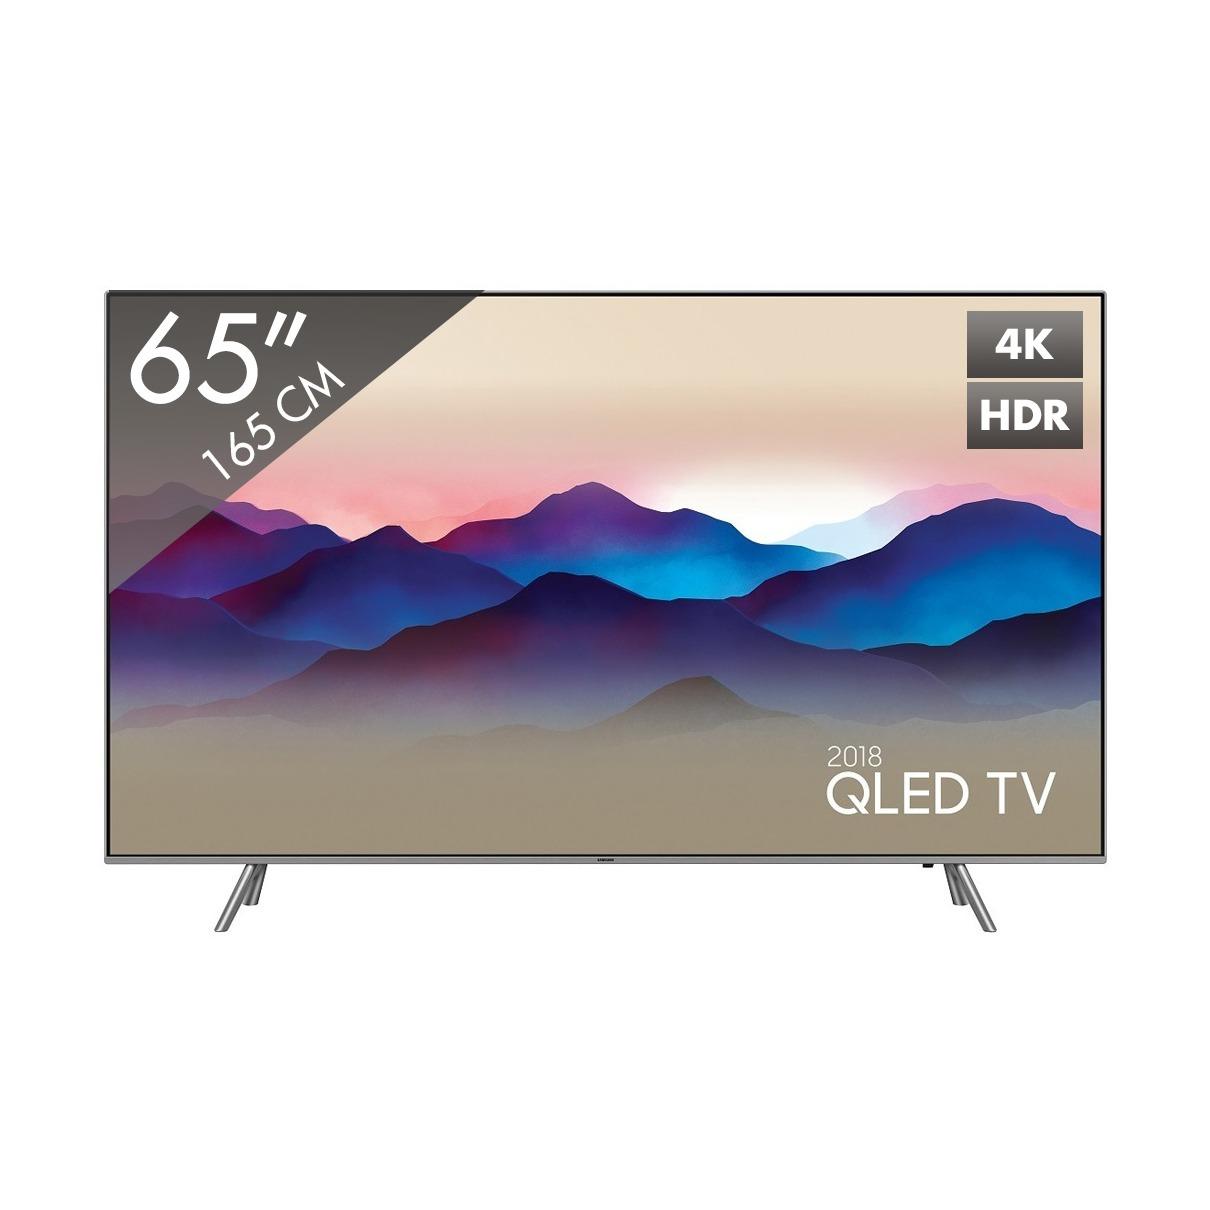 Samsung QE65Q6F (2018) QLED